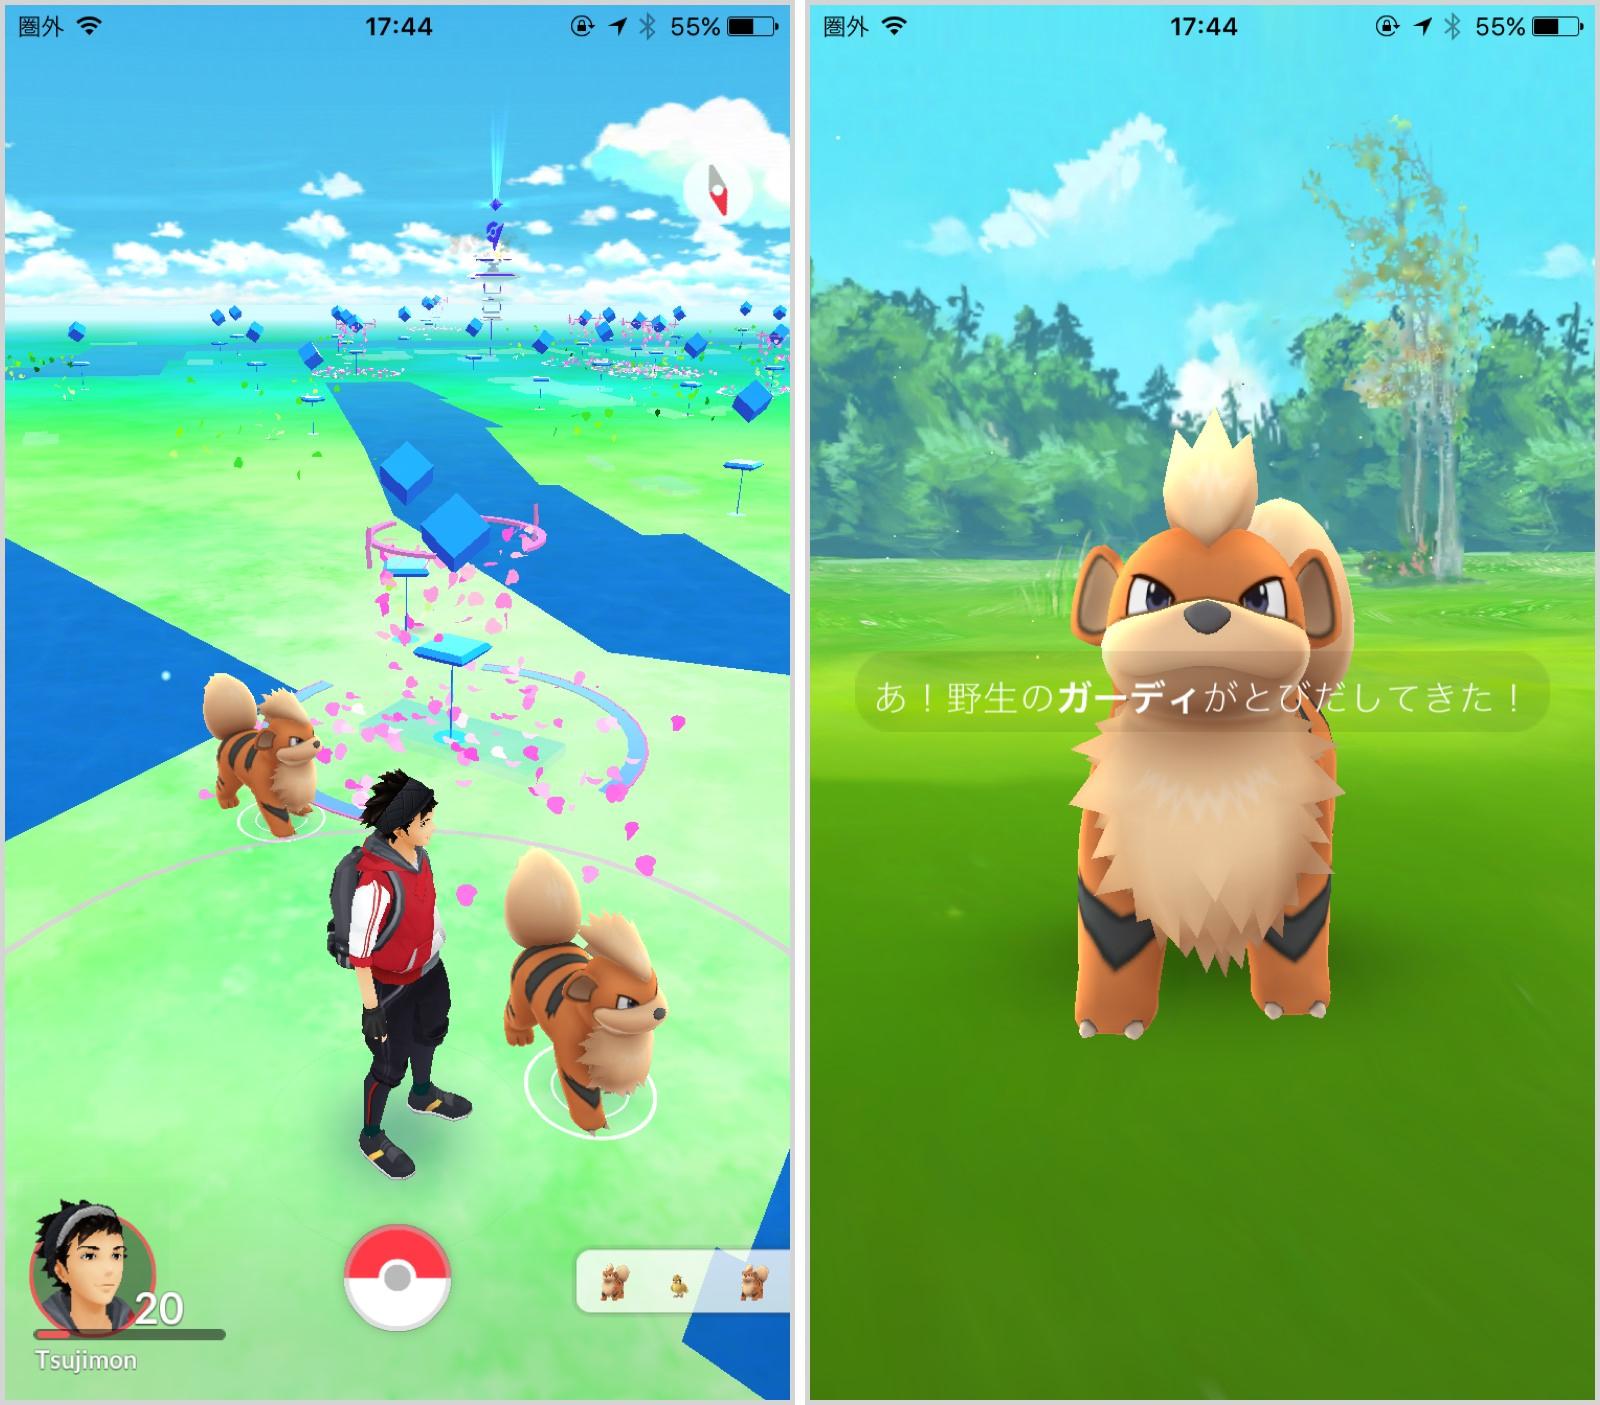 ポケモンgo攻略】大阪城公園はガーディの巣だった!進化させて最強のほ